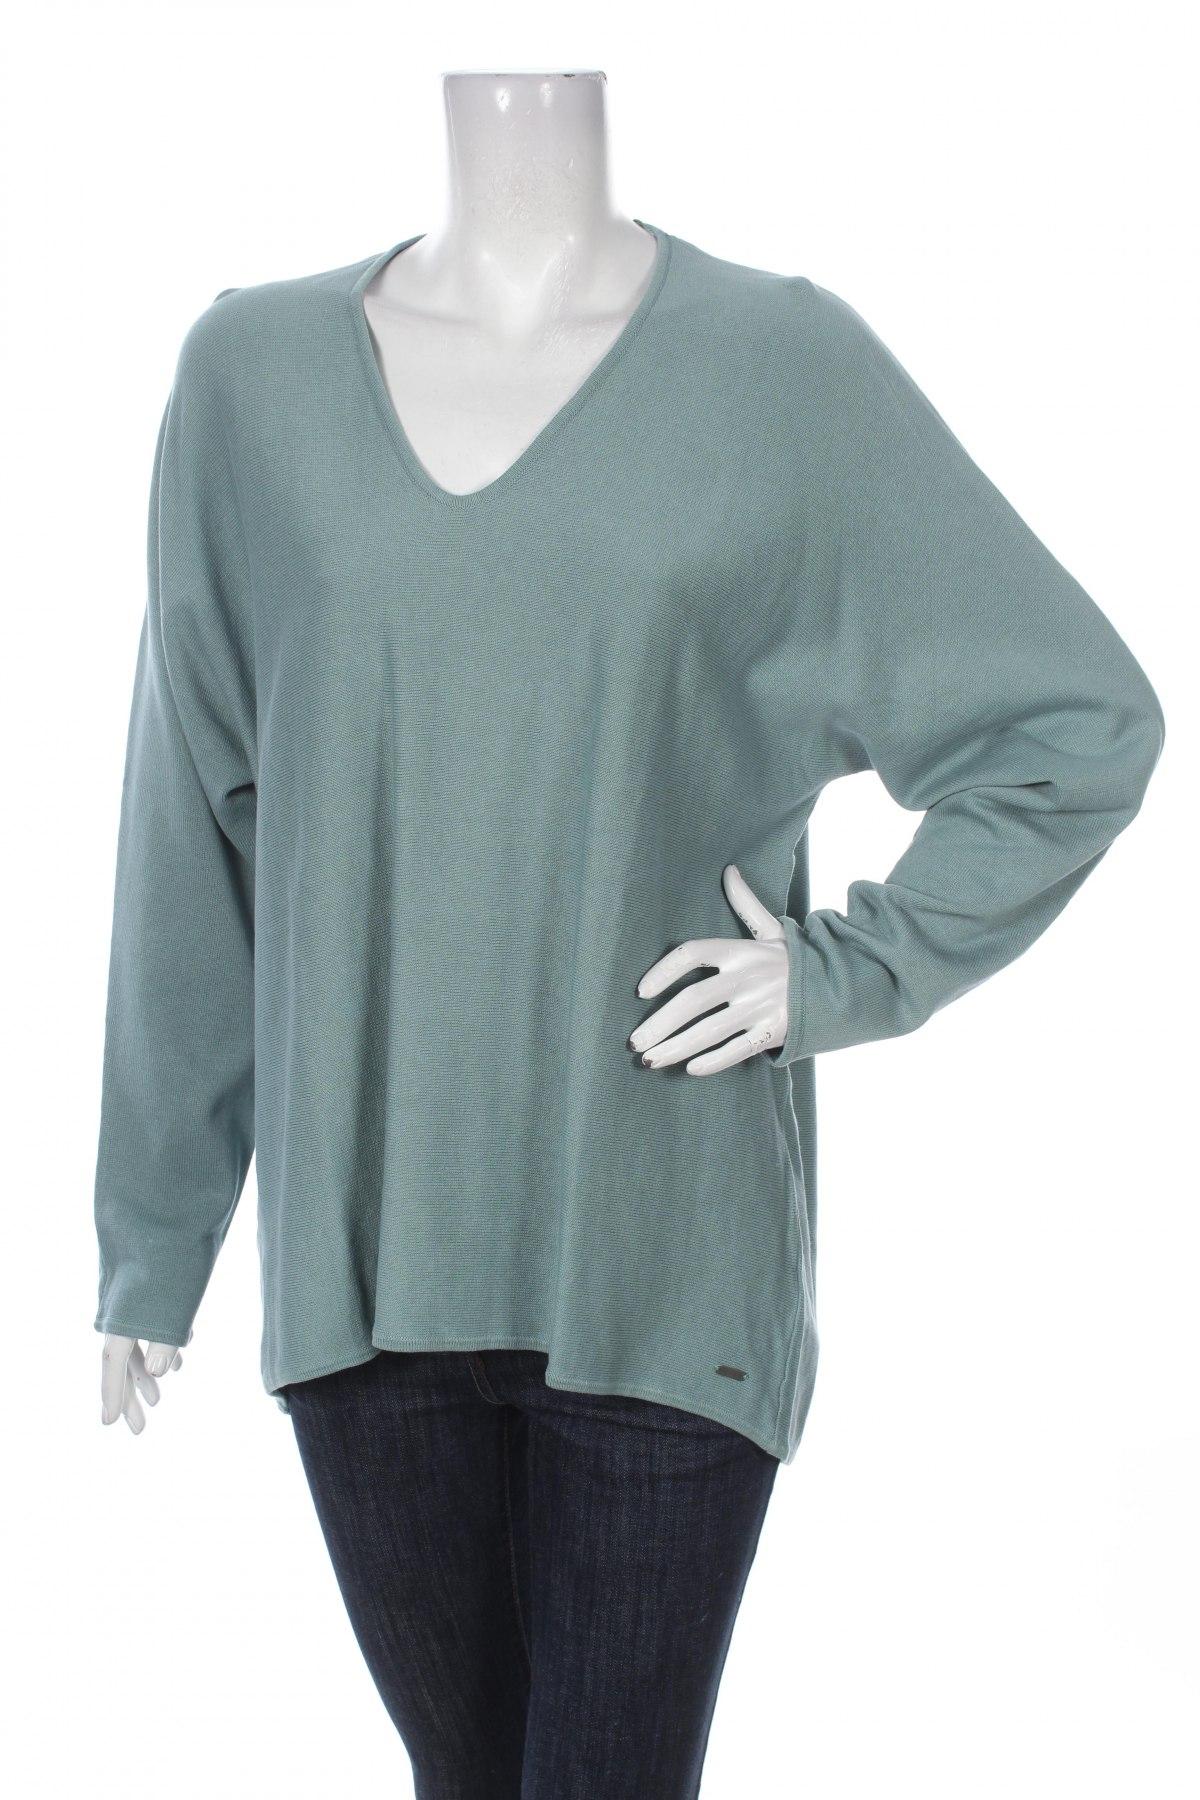 pulover de femei tom tailor la pre avantajos pe remix 5698972. Black Bedroom Furniture Sets. Home Design Ideas